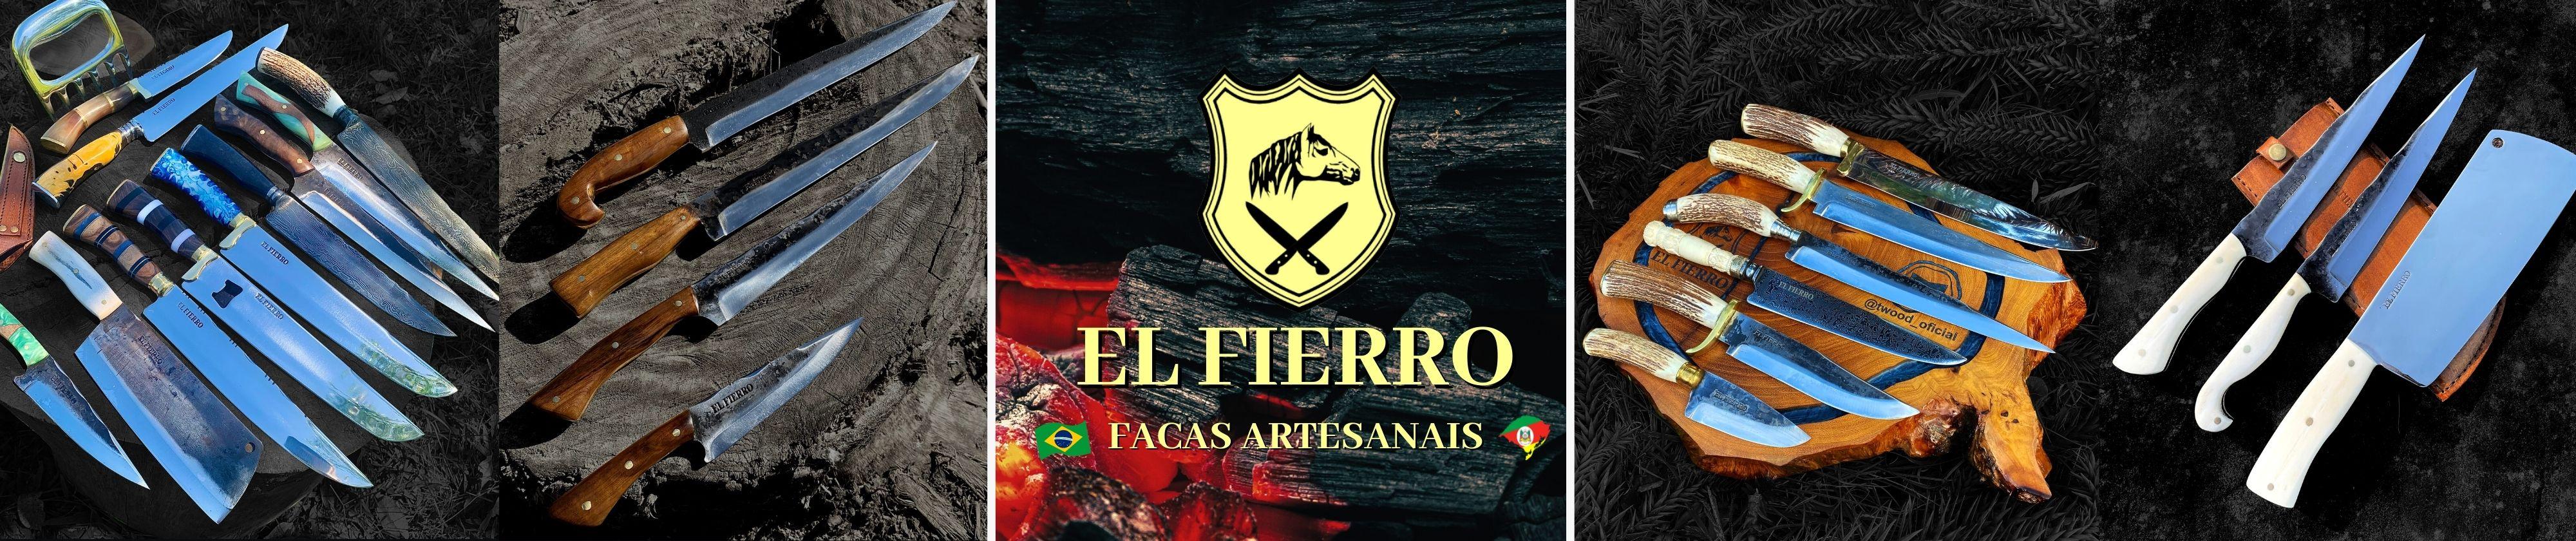 Banner Página Inicial El Fierro